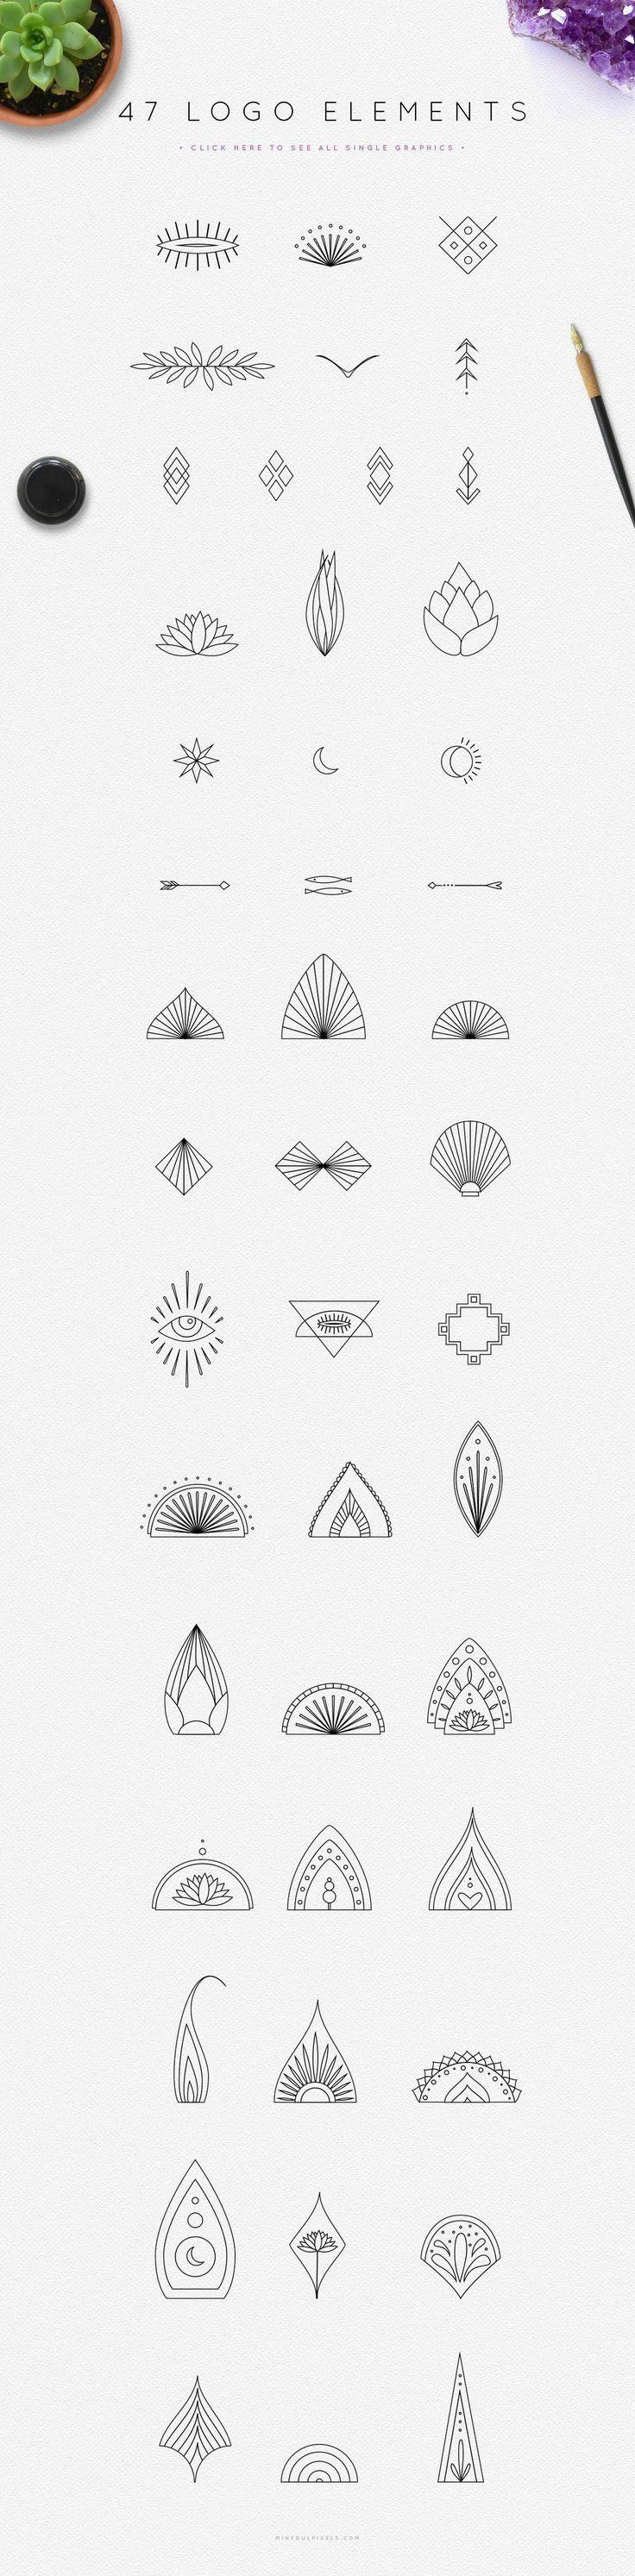 Little Graphic Designs Good For Any Tattoo Idea Simple Tattoo Mandala Kleine Tattoo Ideen Tattoo Ideen Kleines Tattoo